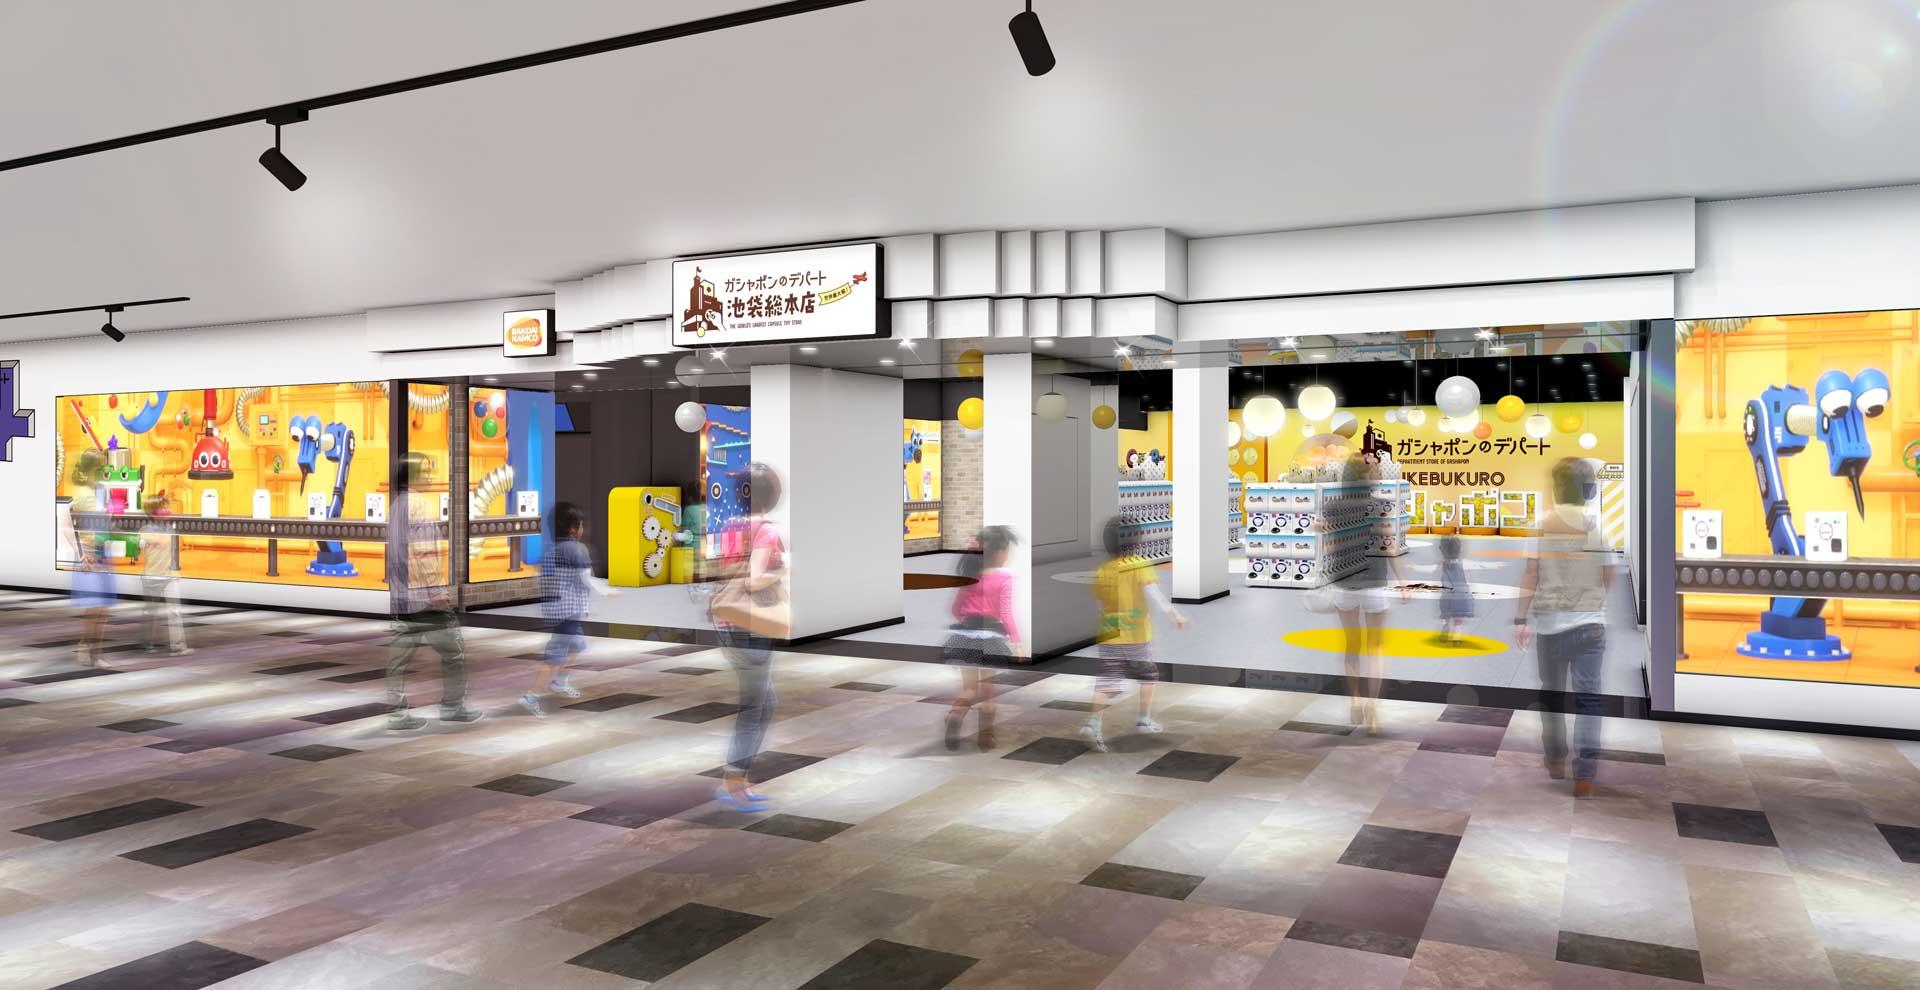 カプセルトイ専門店「ガシャポンのデパート」池袋総本店が本日2月26日 (金)オープン/インタラクティブエントランス映像の制作をP.I.C.S. TECHが担当。